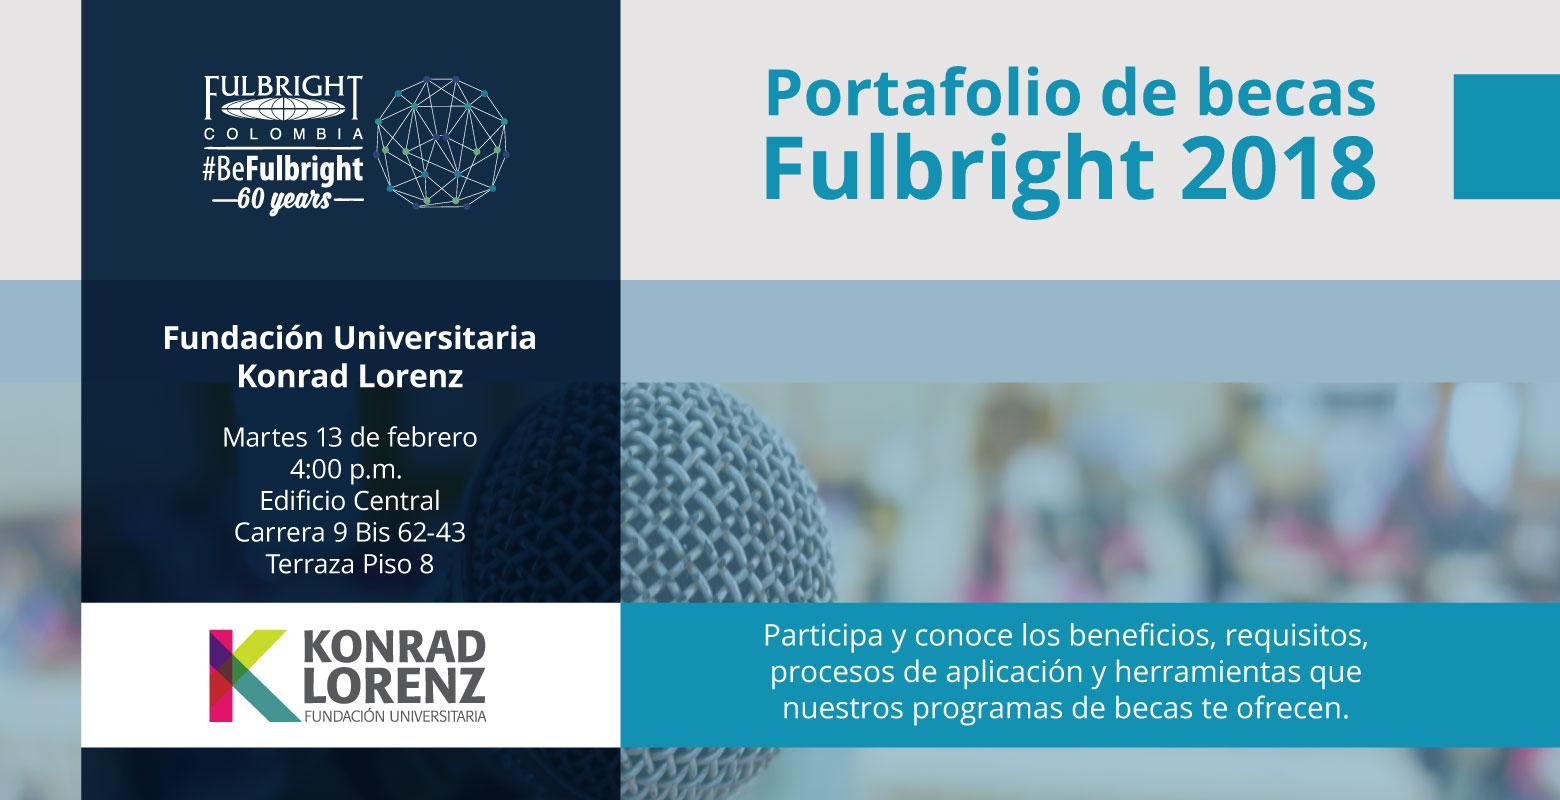 Charla Portafolio de Becas Fulbright 2018